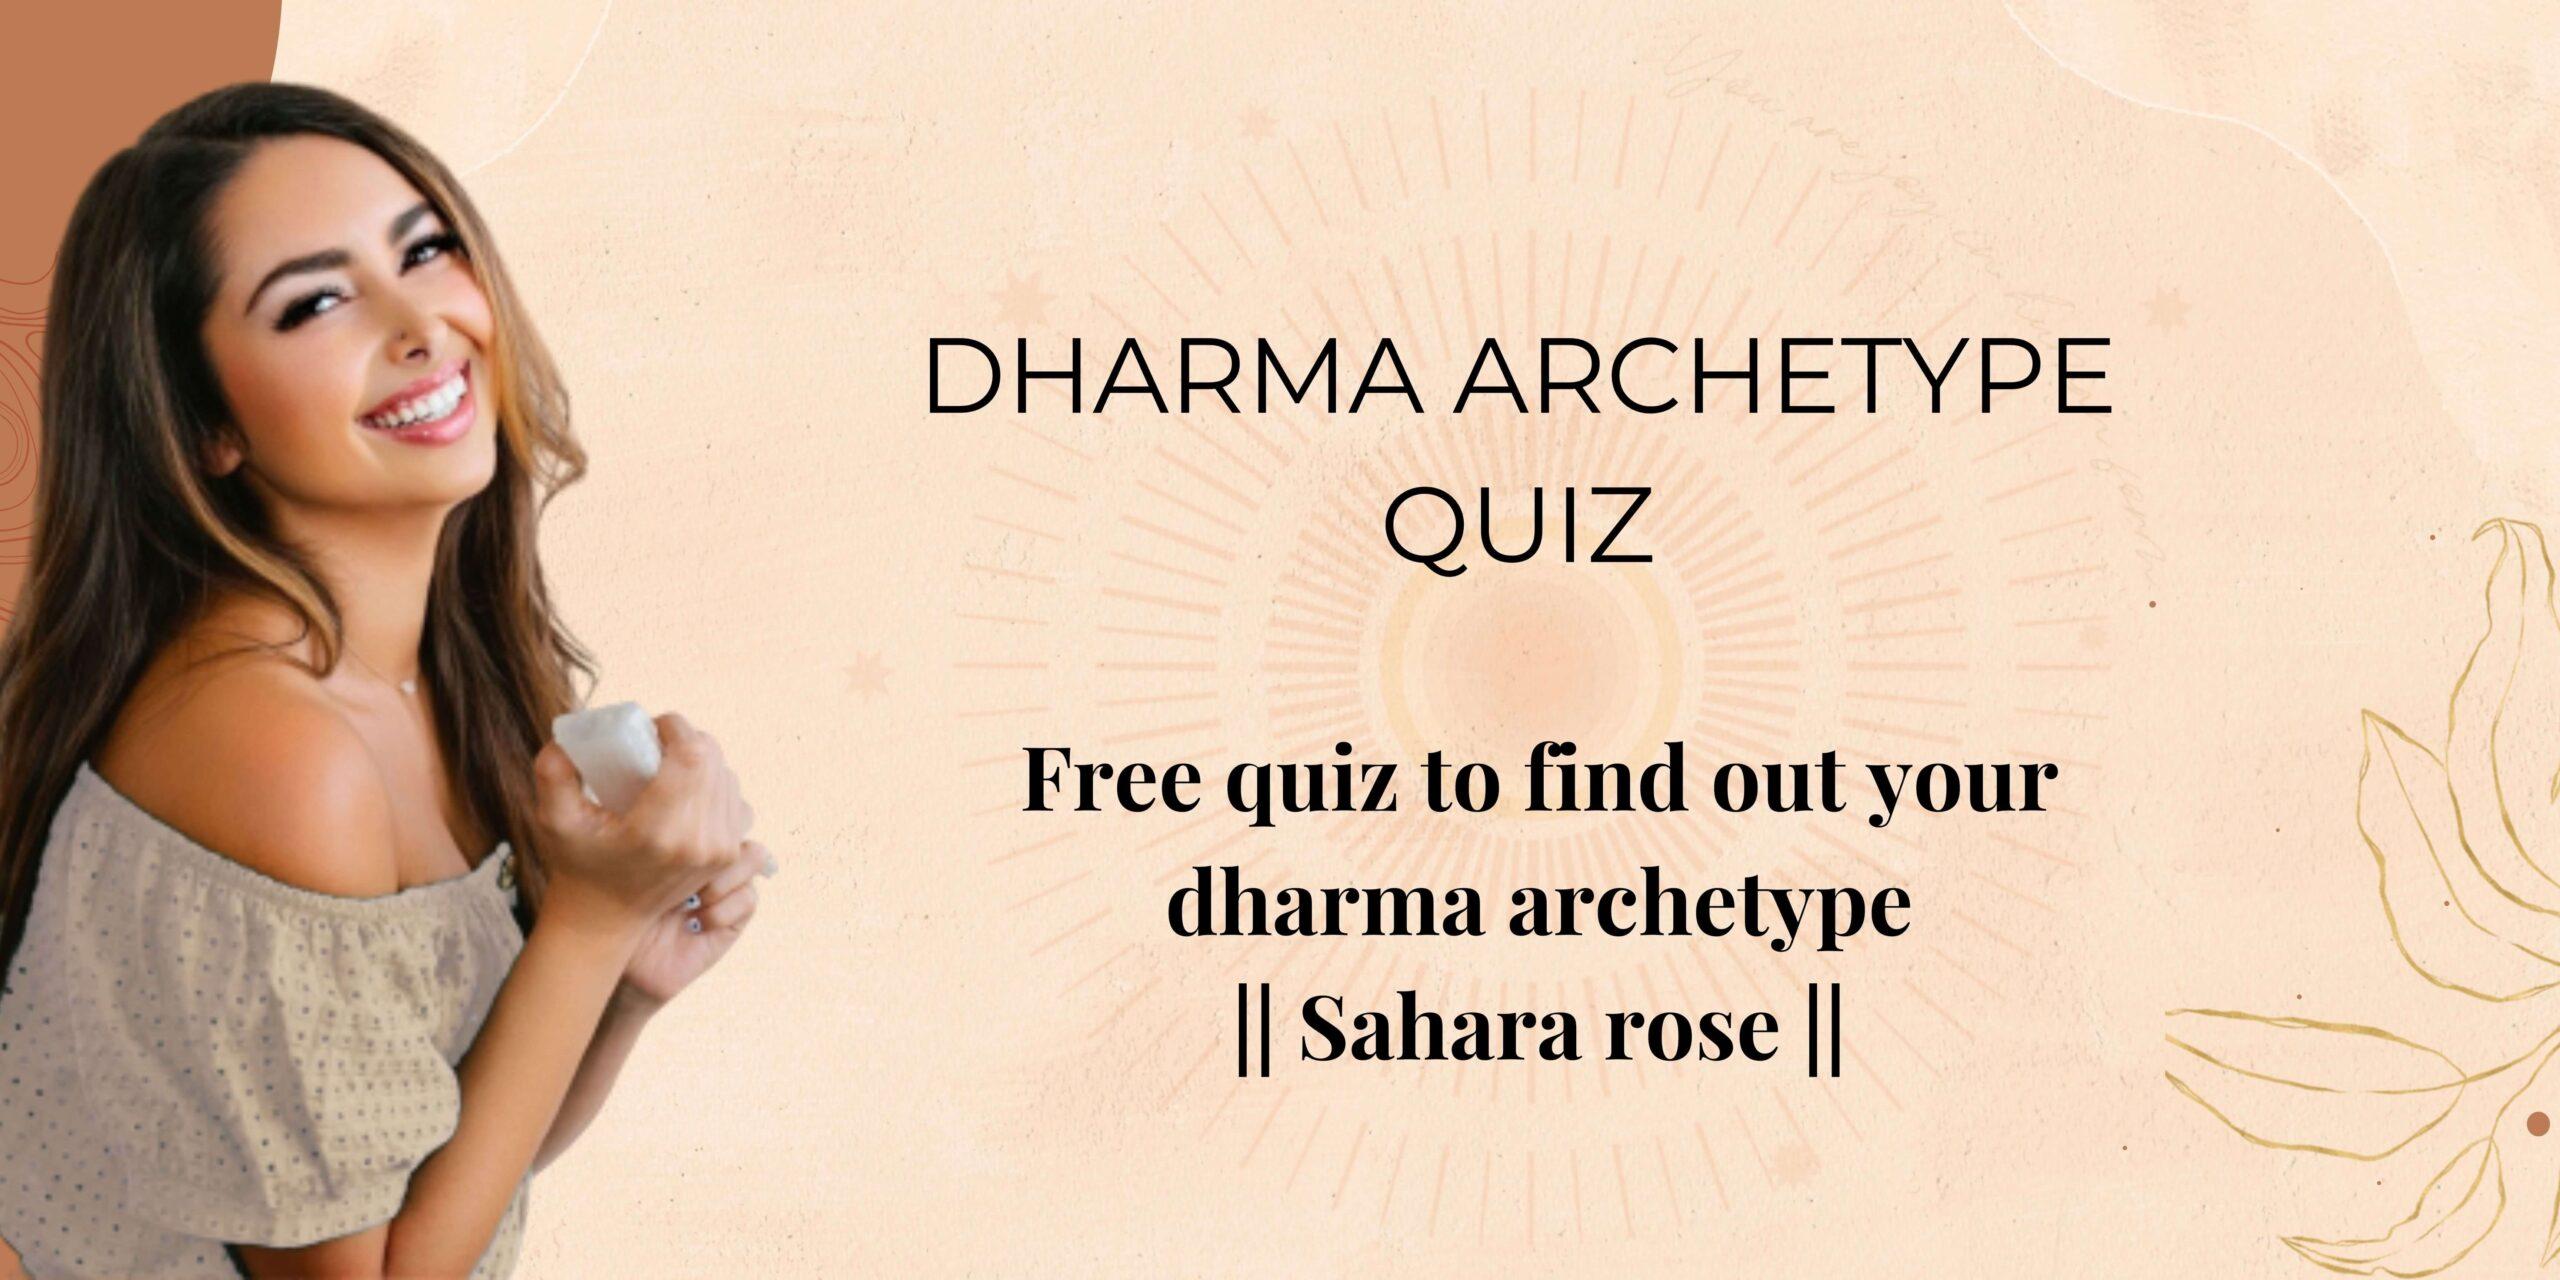 Dharma archetype quiz